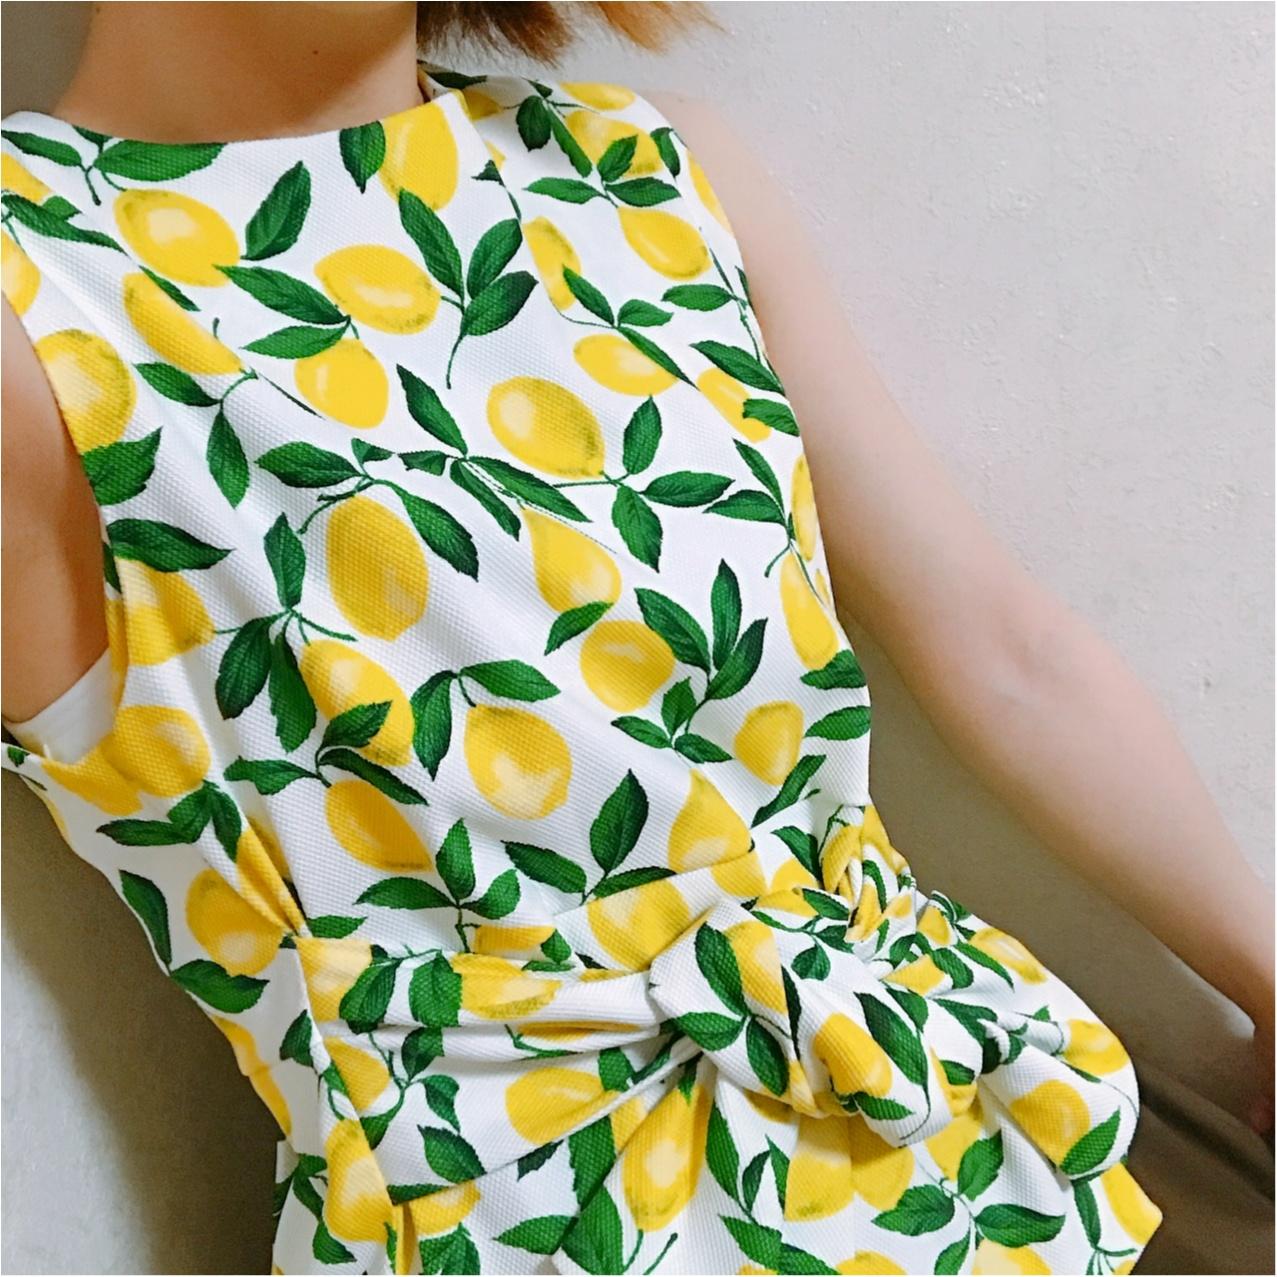 初夏にぴったり♡ 大人かわいい《レモン柄》トップスはココでget!_2